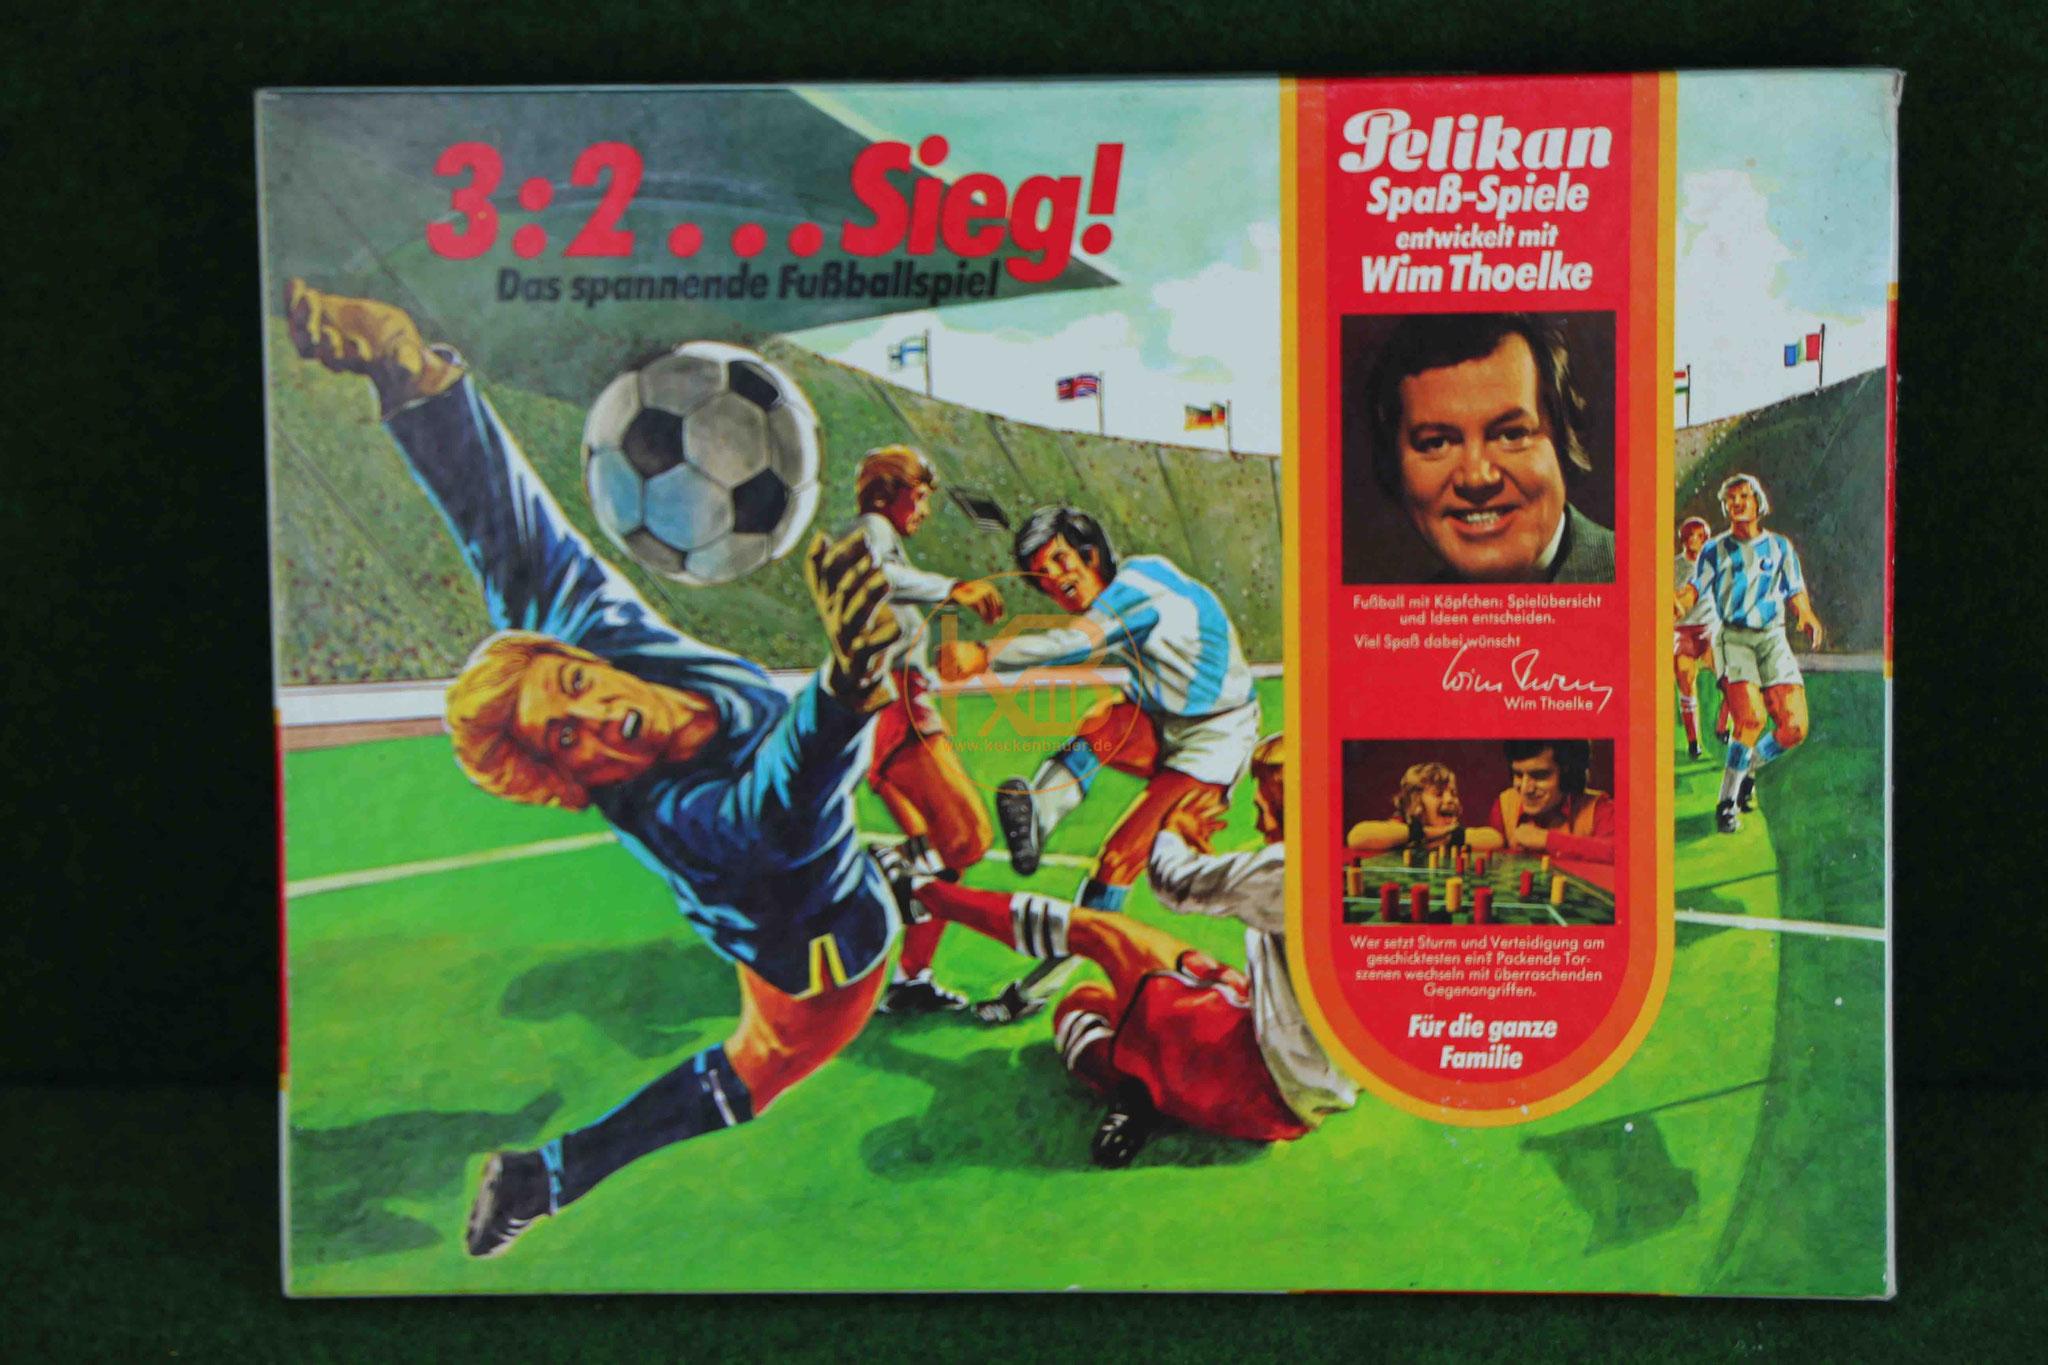 3:2...Sieg! Das spannende Fußballspiel von Wim Thoelke